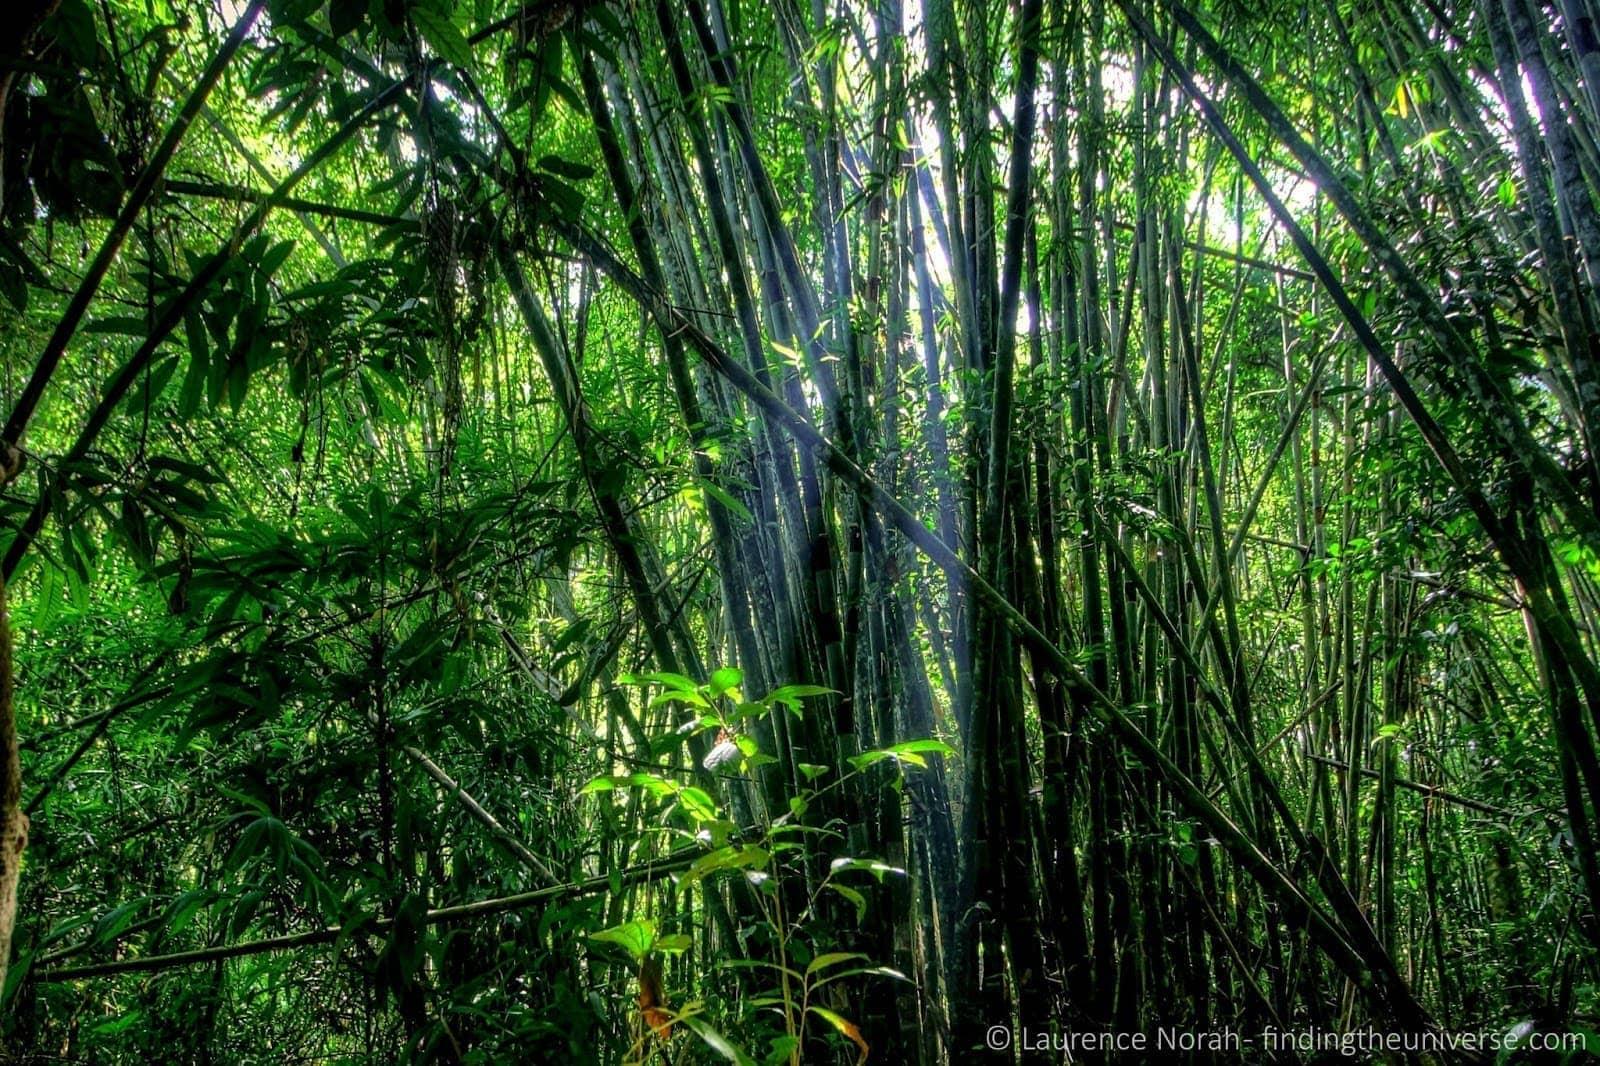 Khao Sok National Park rainforest light streaming bamboo